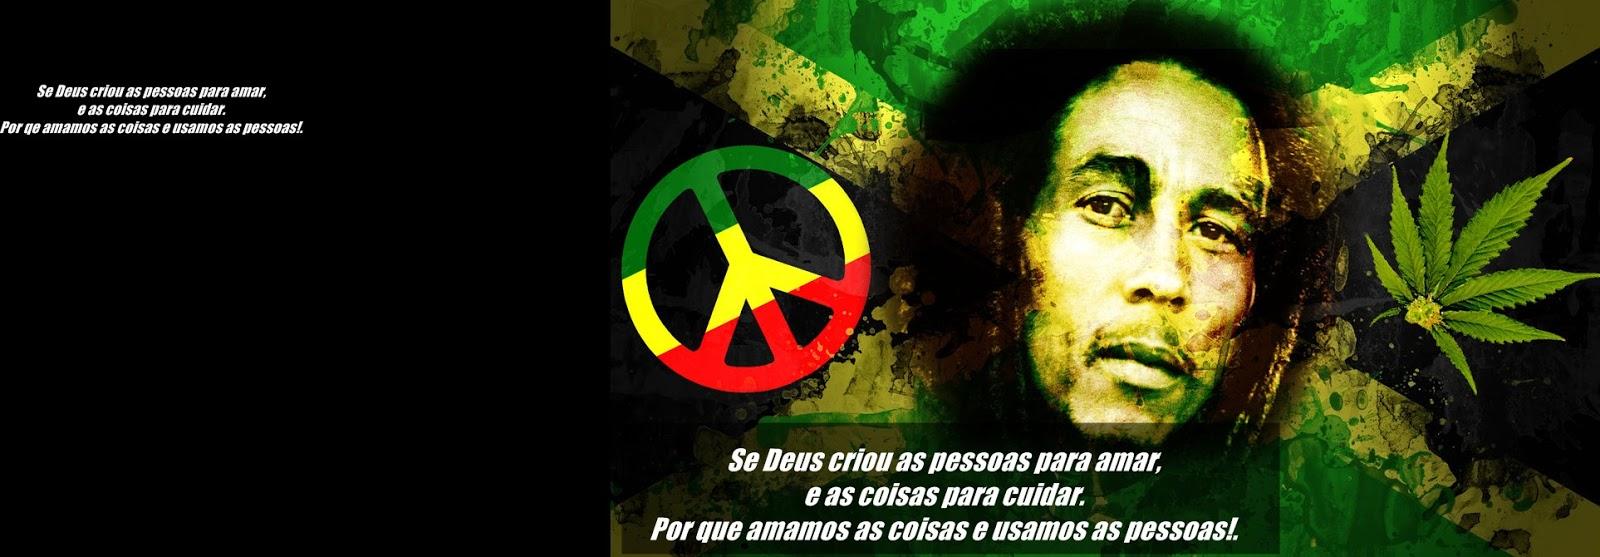 Papel Parede Bob Marley Com Frases  Auto Design Tech